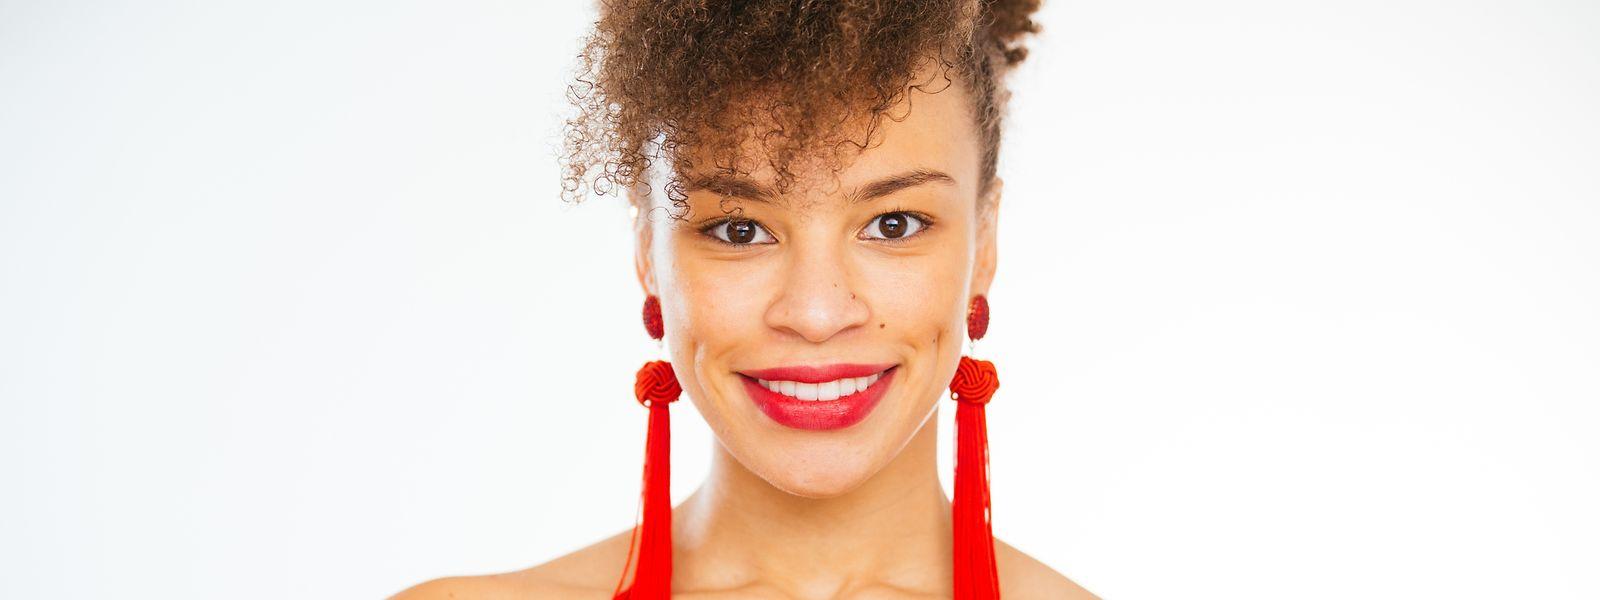 Janine Duarte Neves hofft darauf, als Model durchstarten zu können.